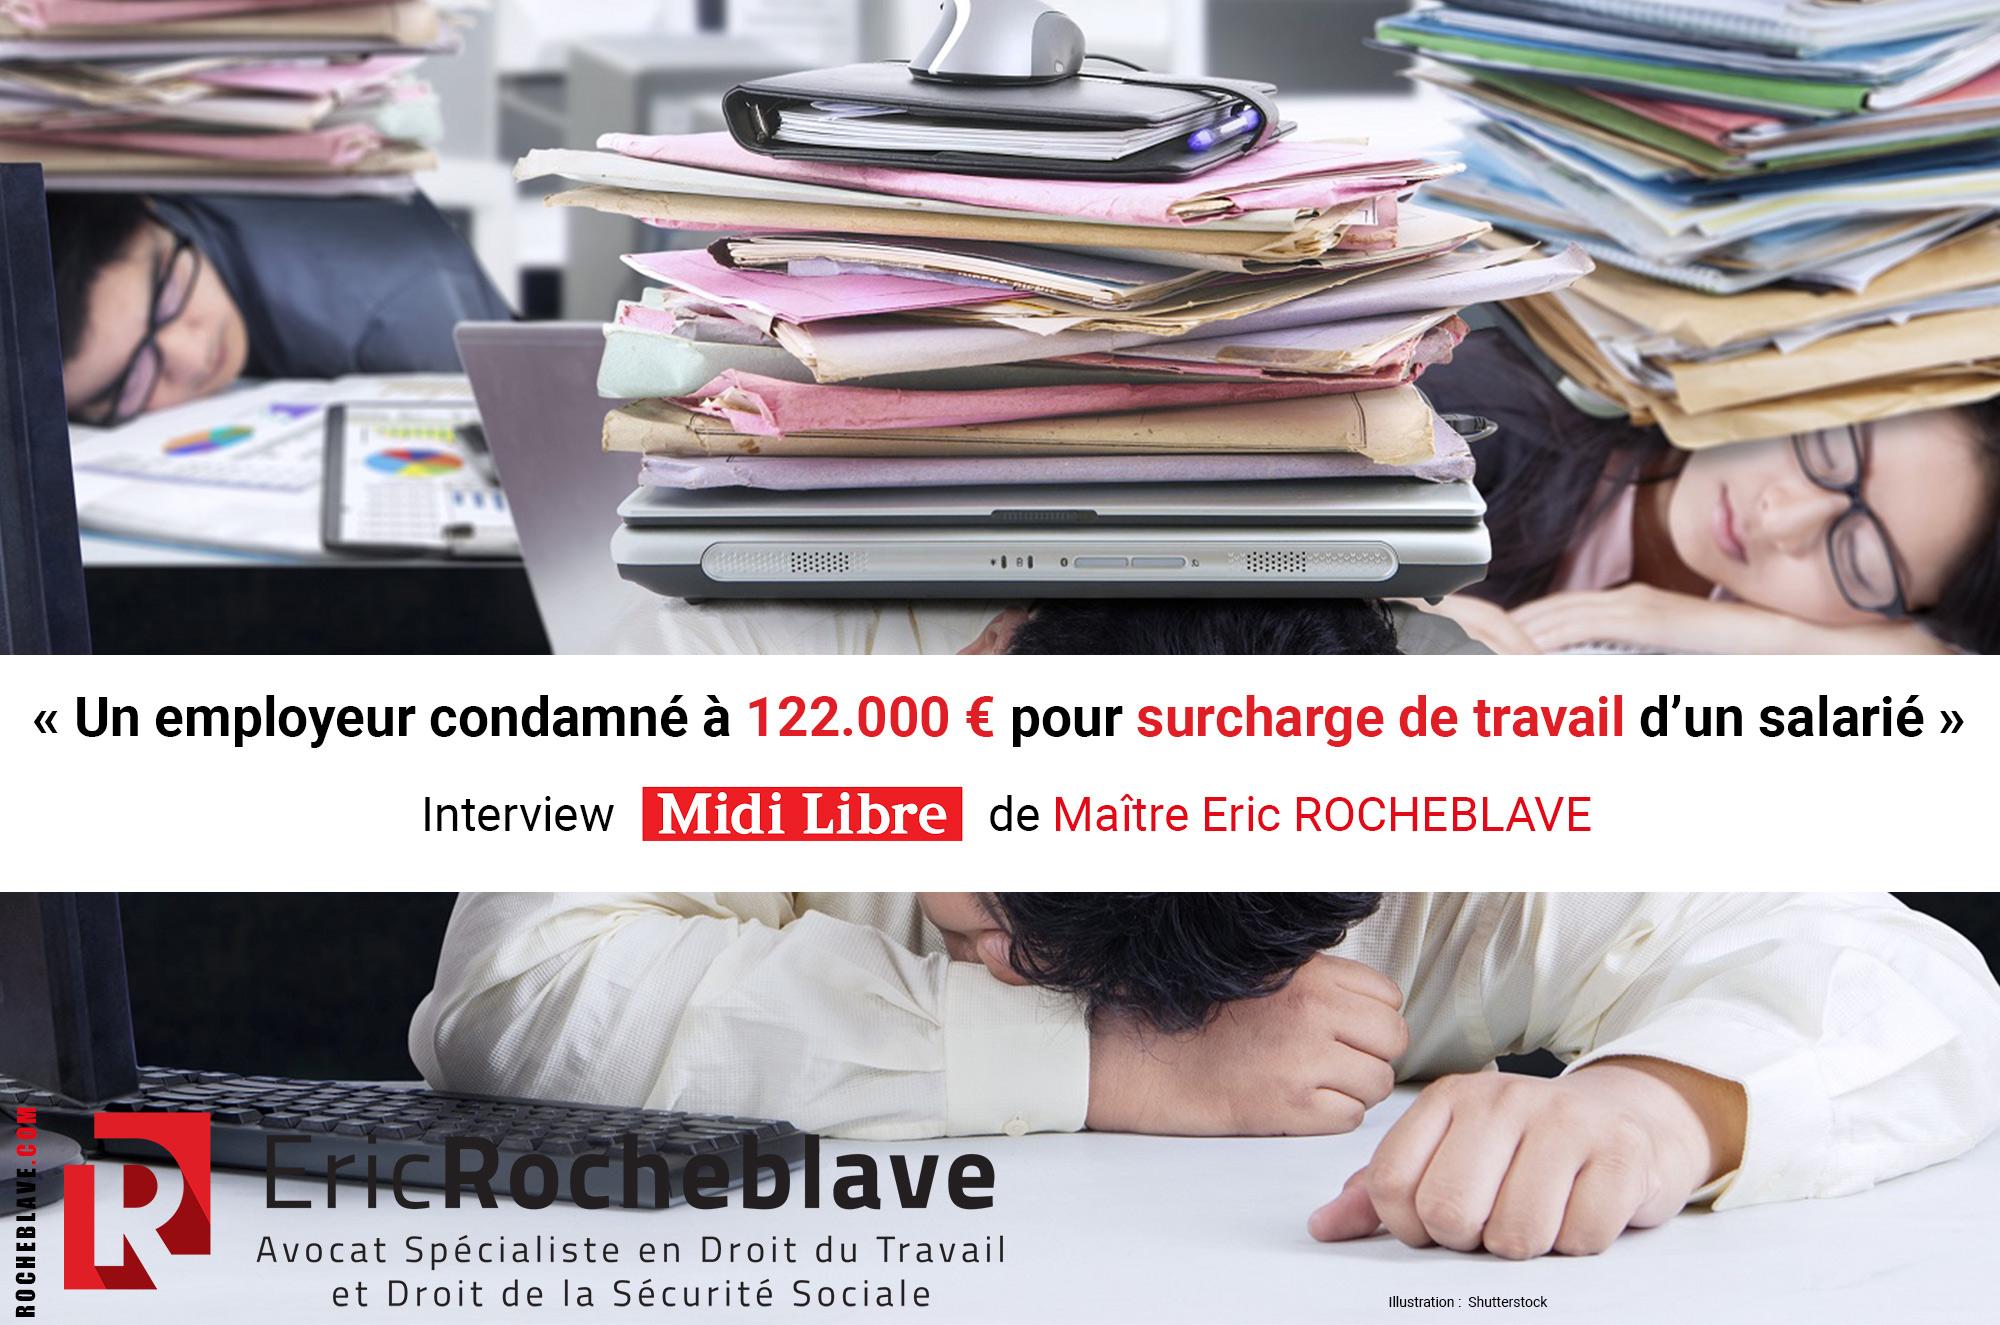 « Un employeur condamné à 122.000 € pour surcharge de travail d'un salarié » Interview Midi Libre de Maître Eric ROCHEBLAVE